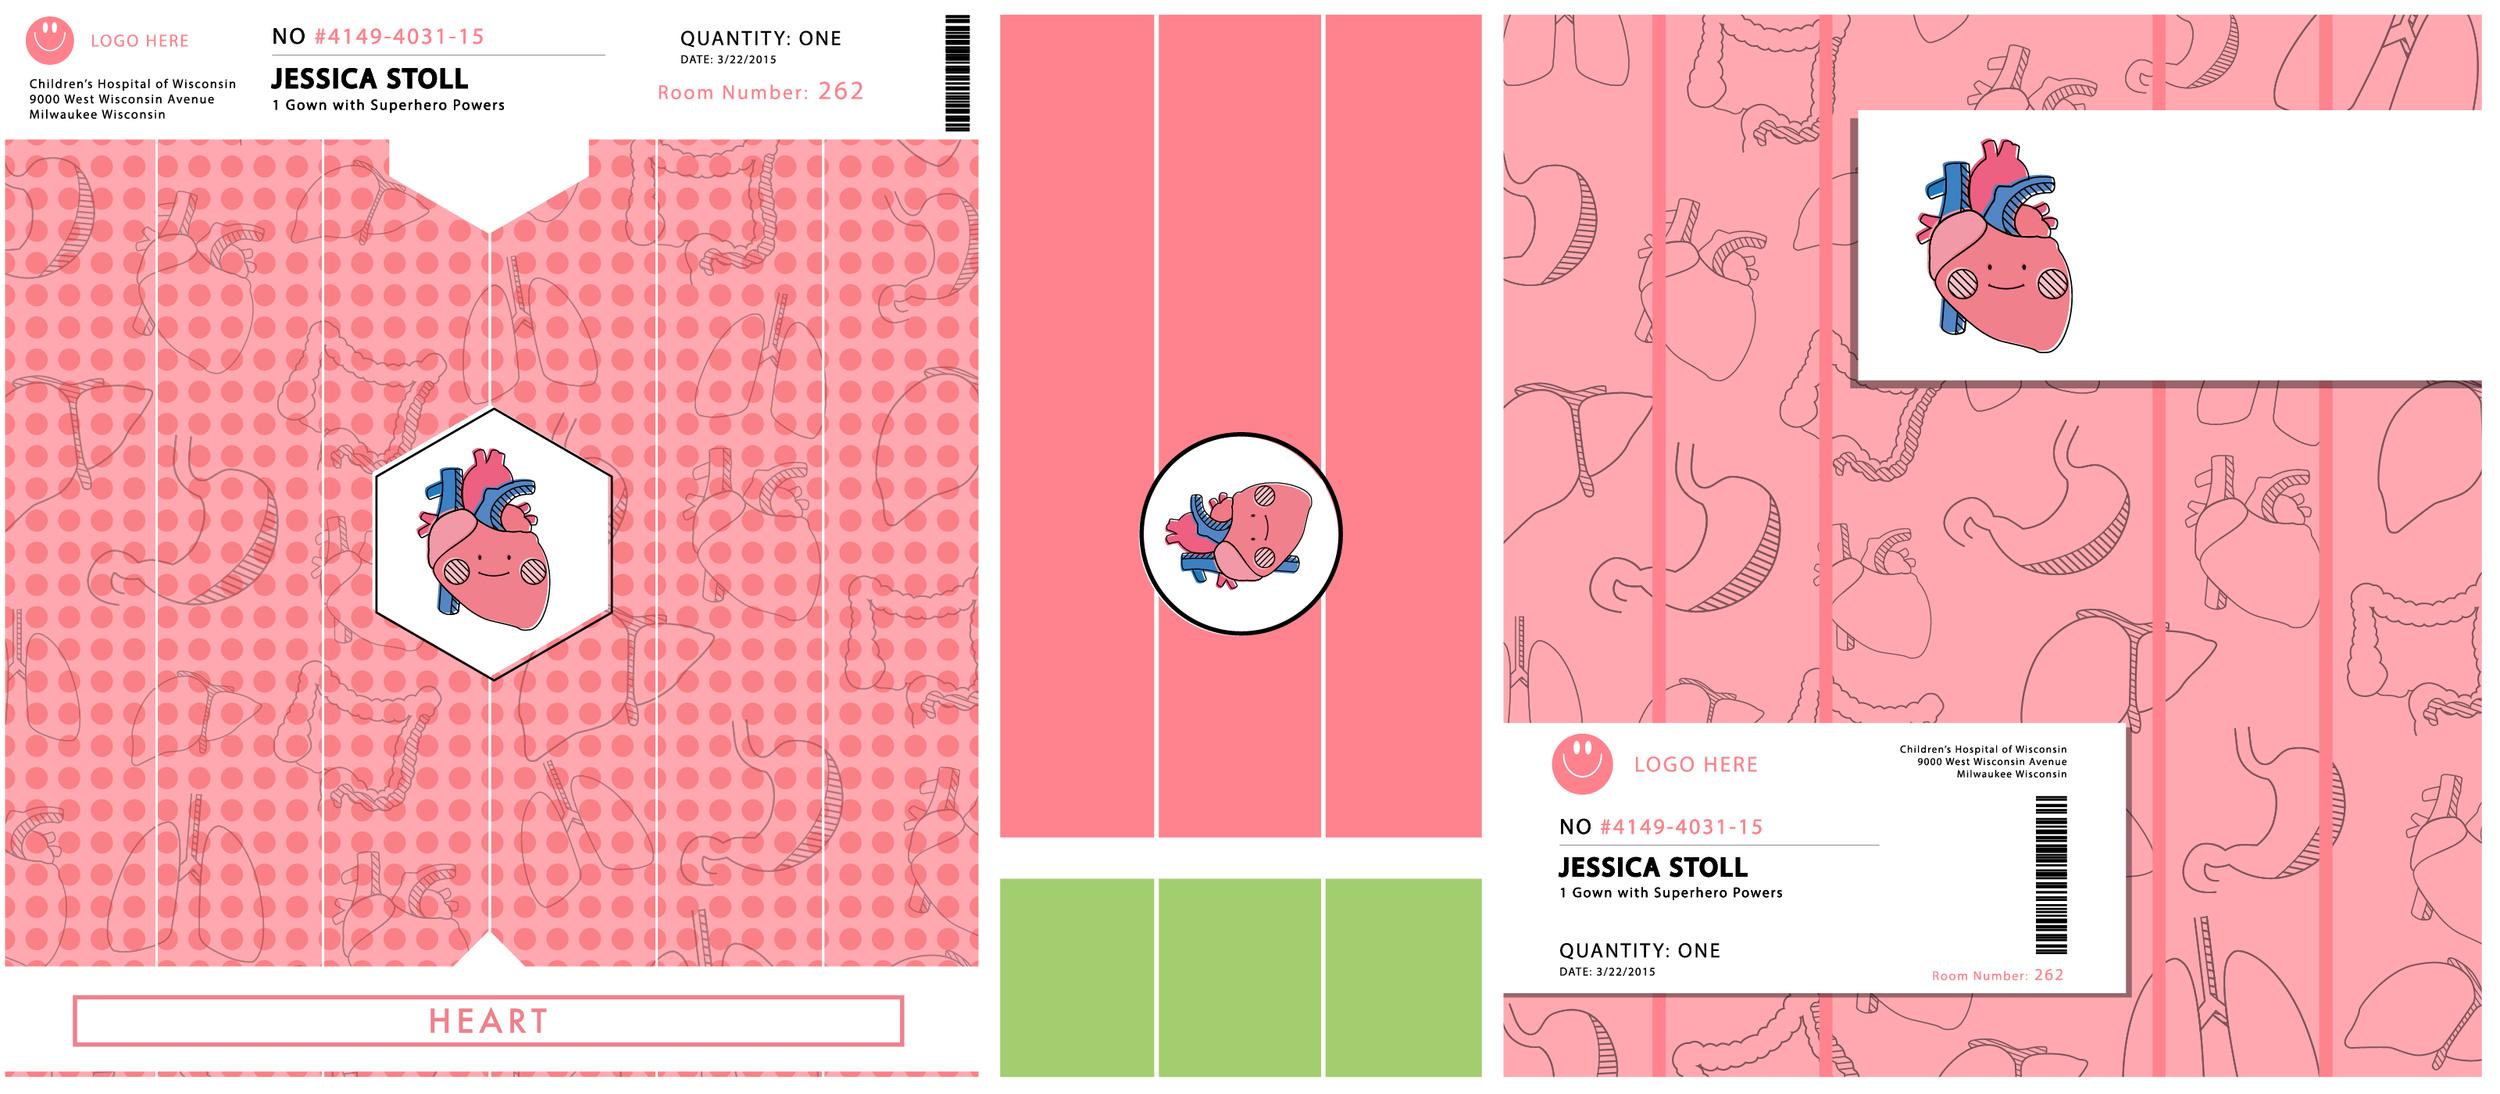 Packaging Test-02.jpg